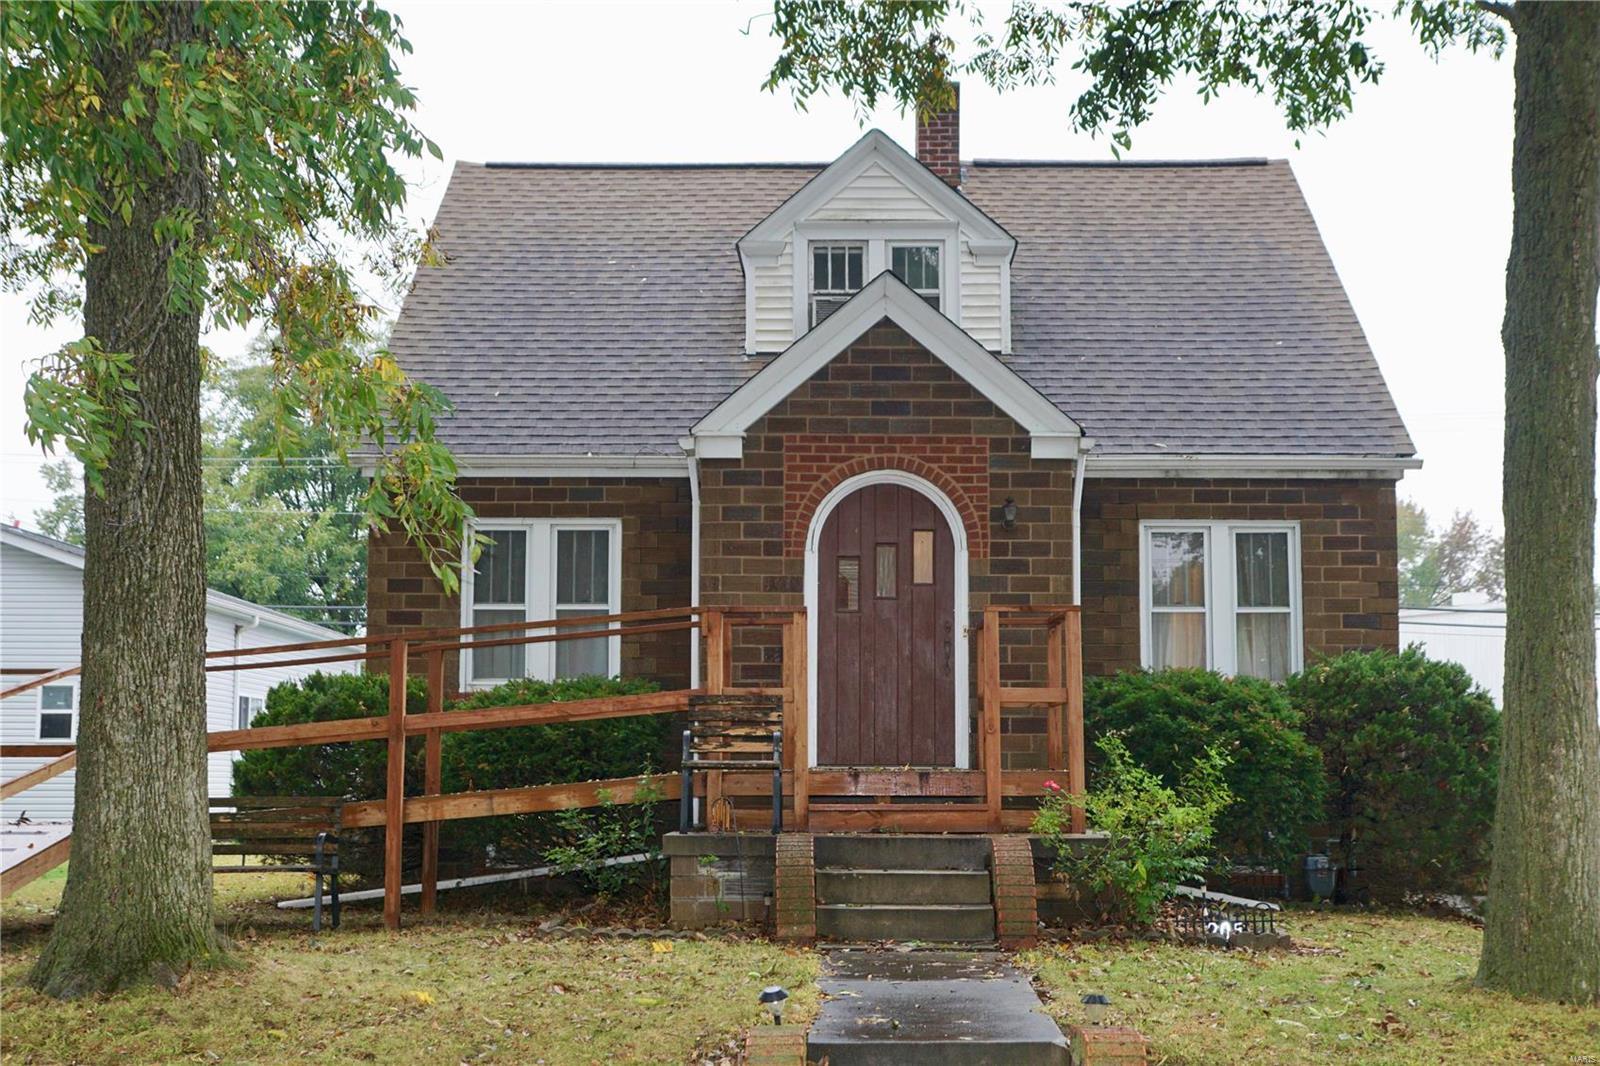 205 N Smith Street Property Photo - Smithton, IL real estate listing